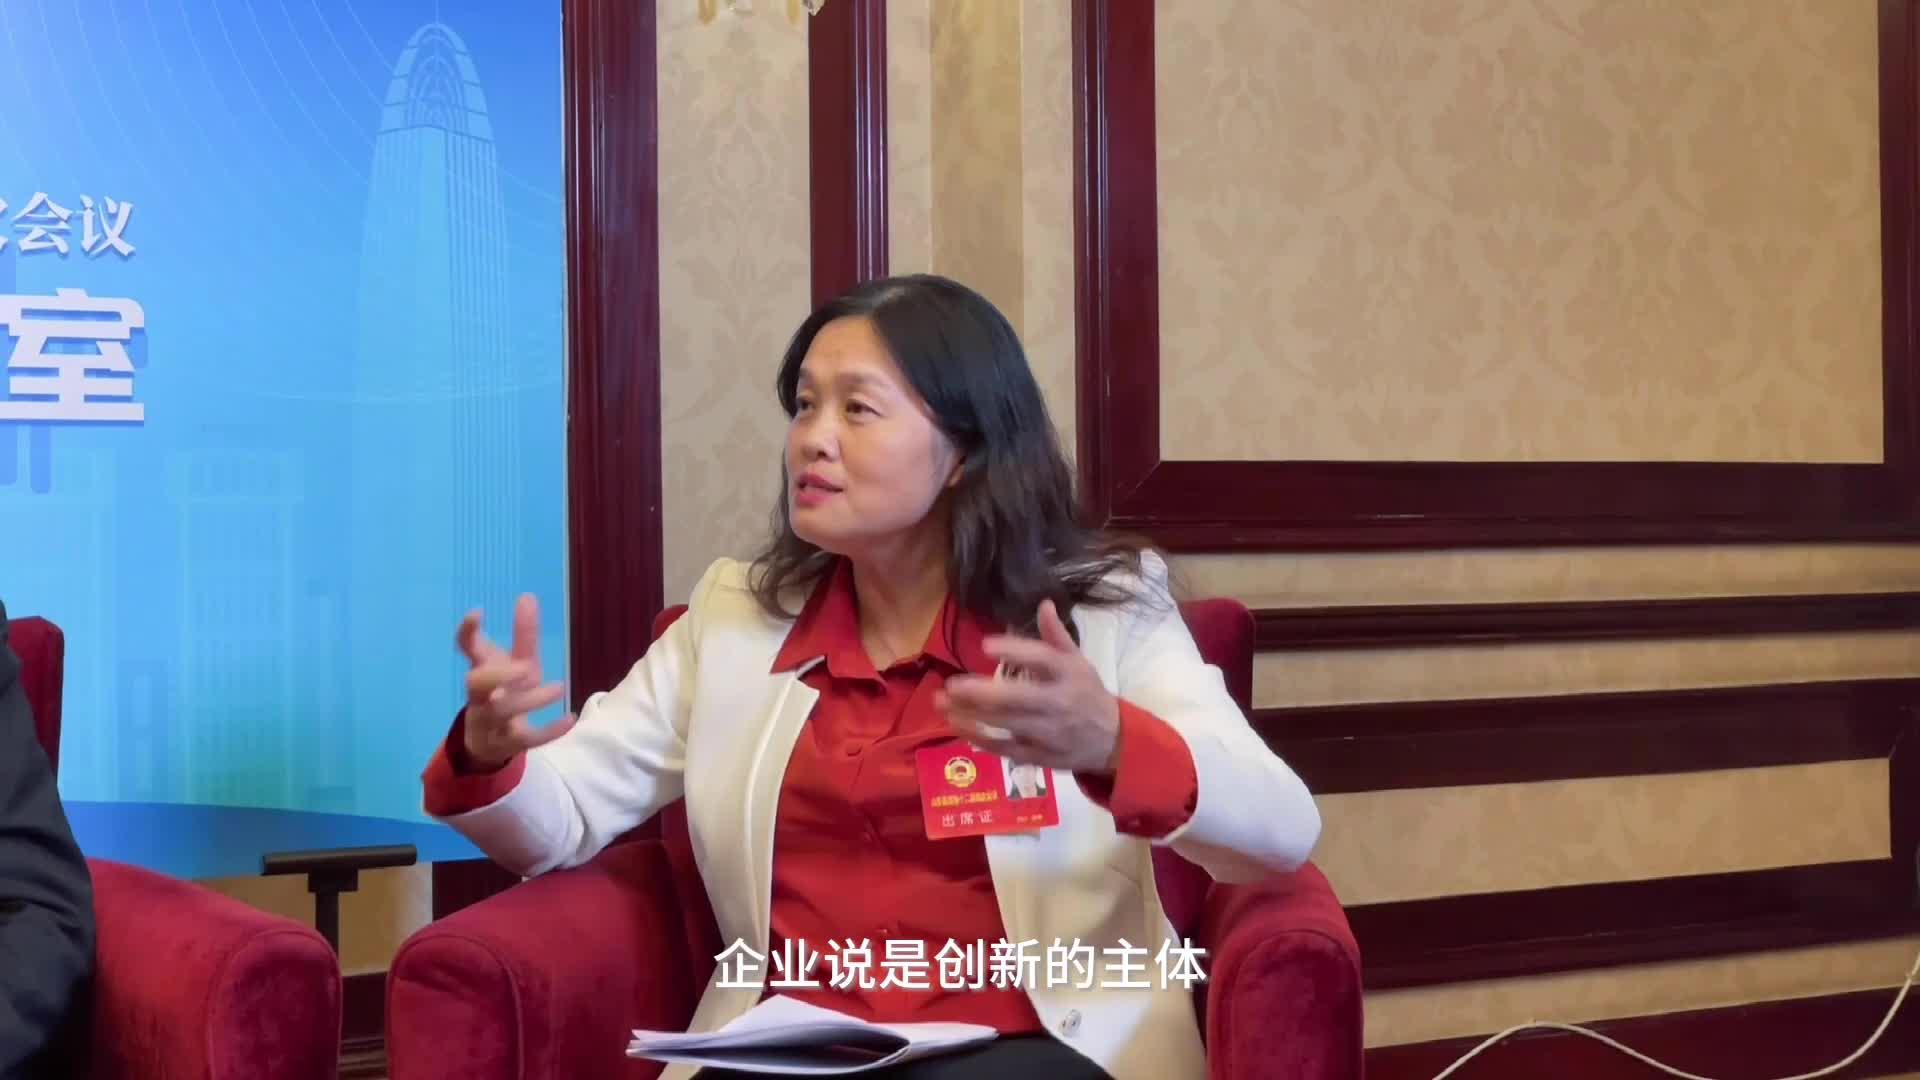 我为山东绘蓝图 省政协委员戴彩丽:企业是创新主体,怎么重视科技创新都不为过